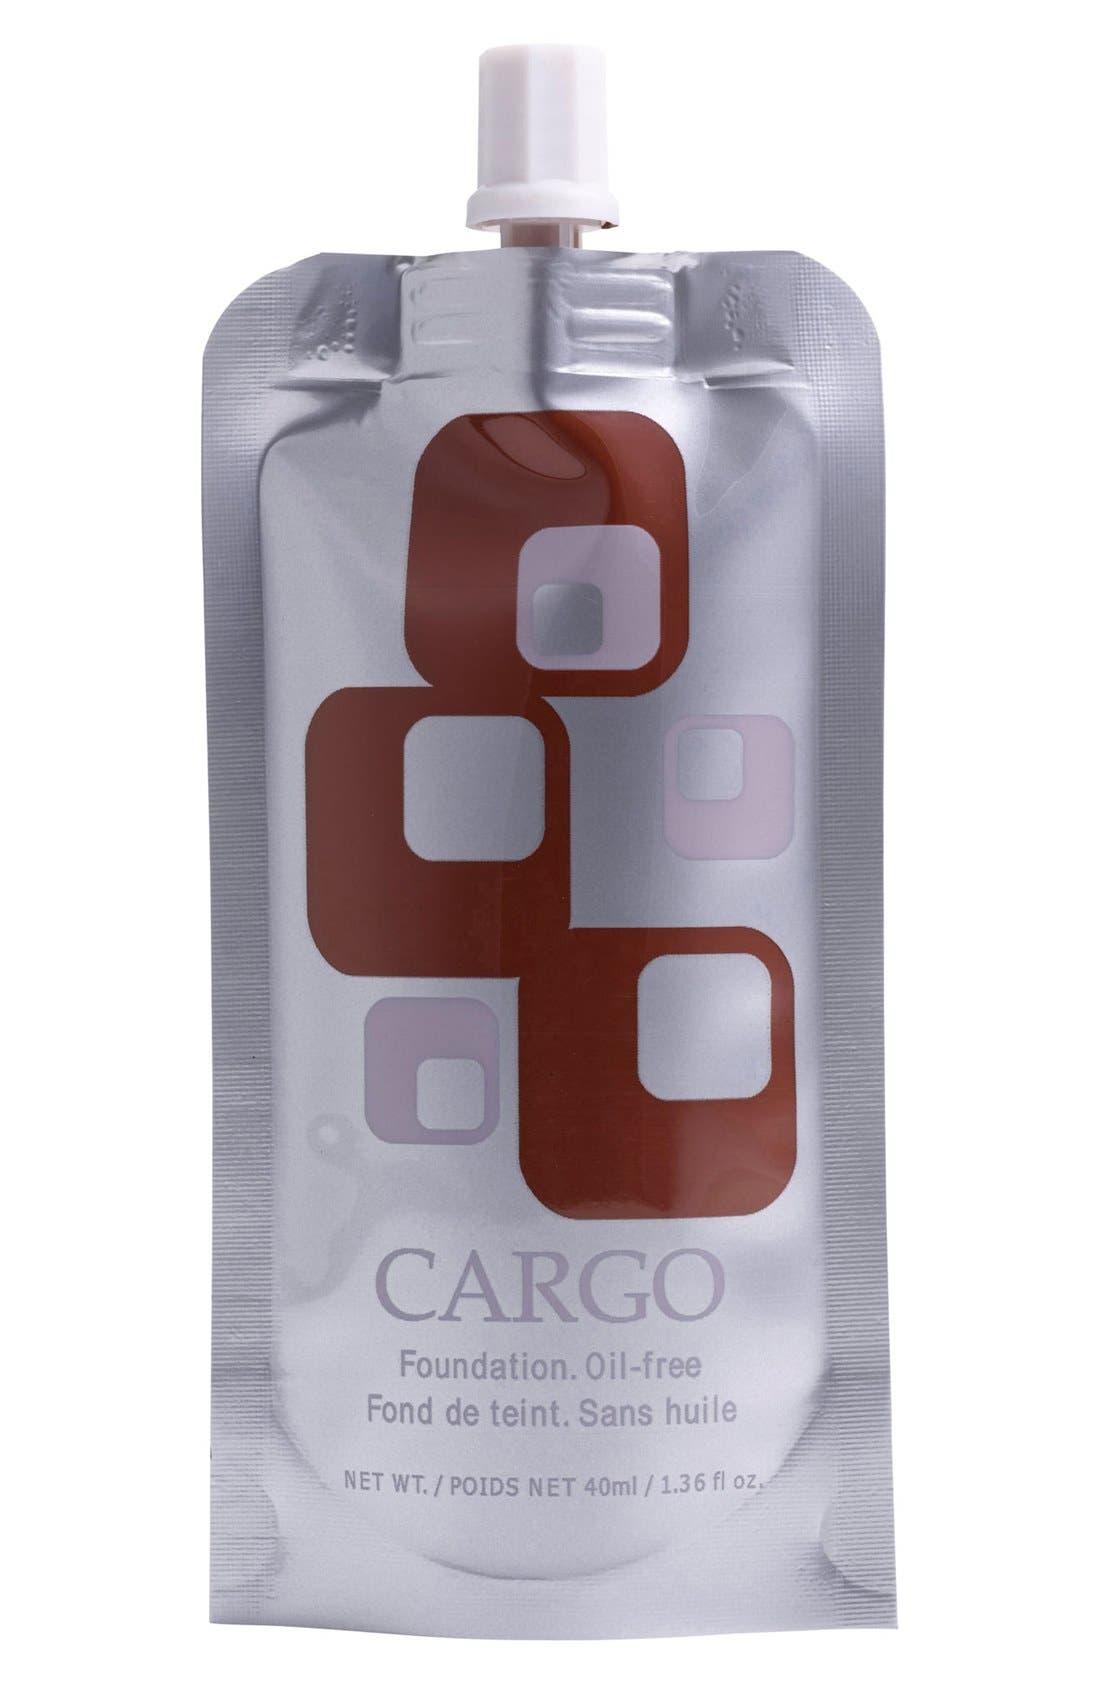 CARGO Liquid Foundation